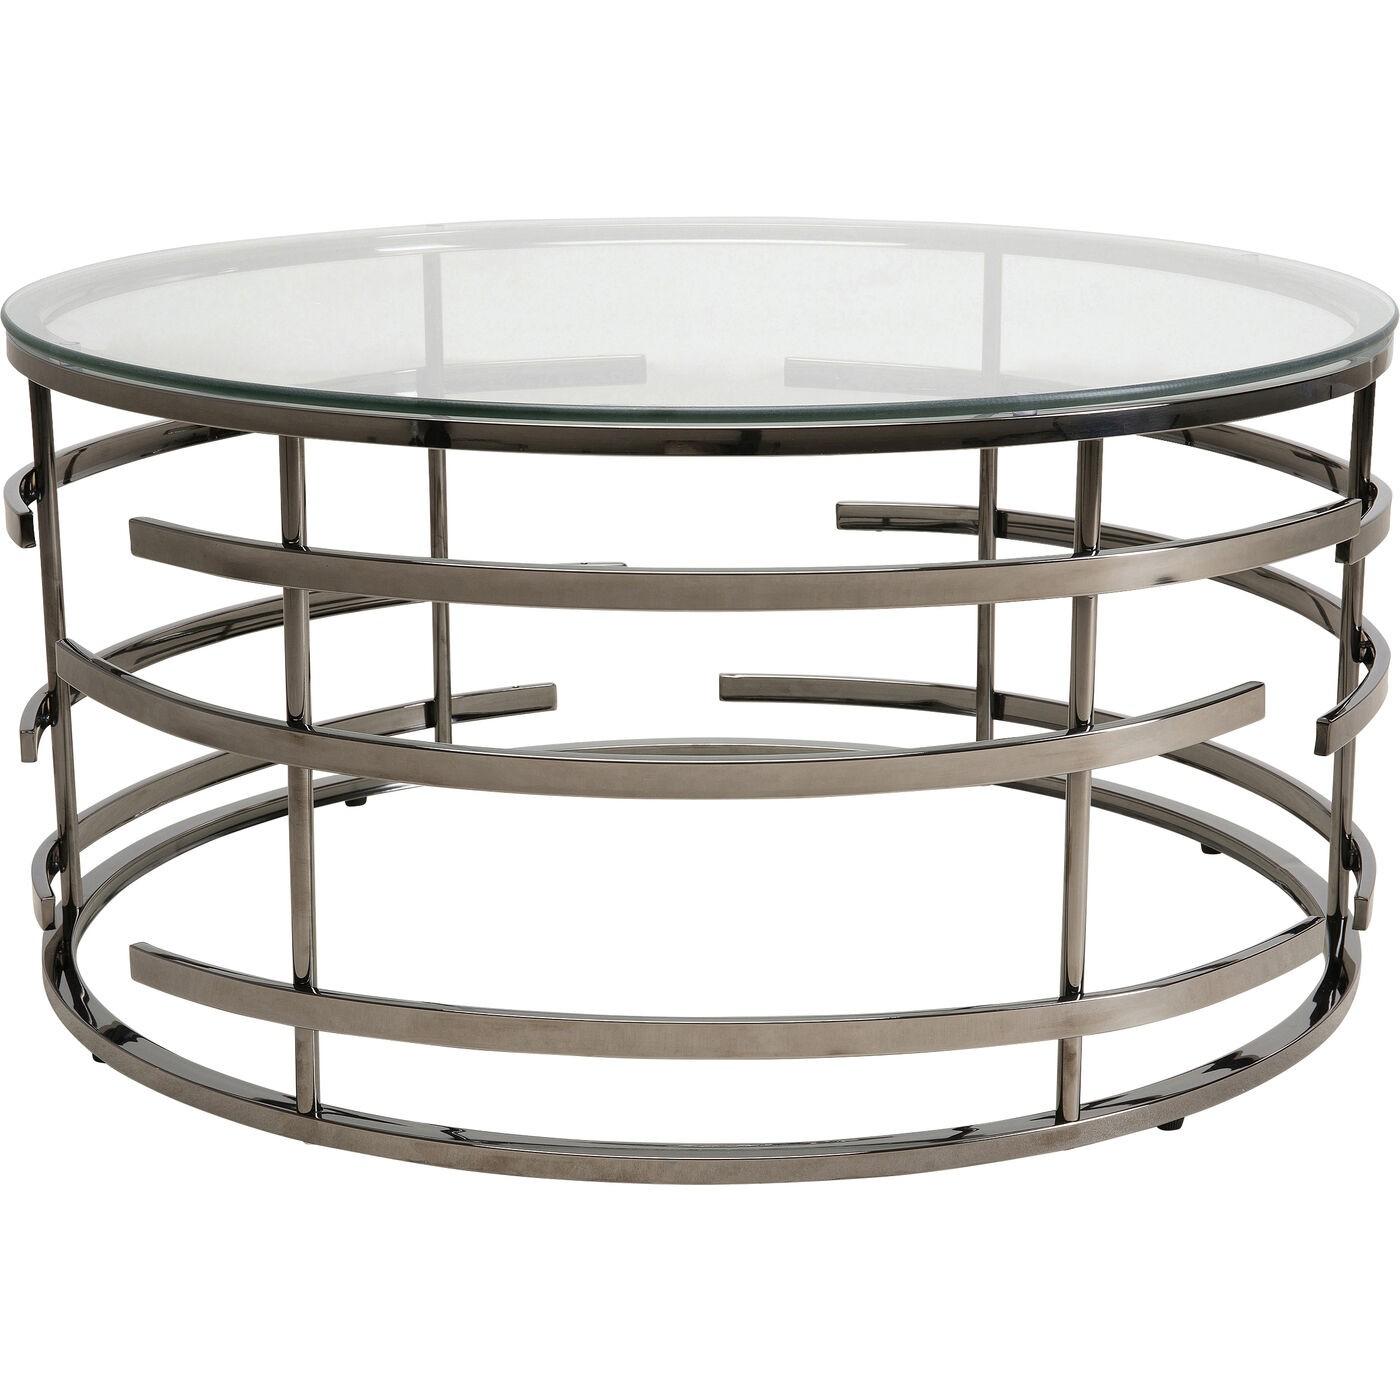 Table basse en acier noir et verre